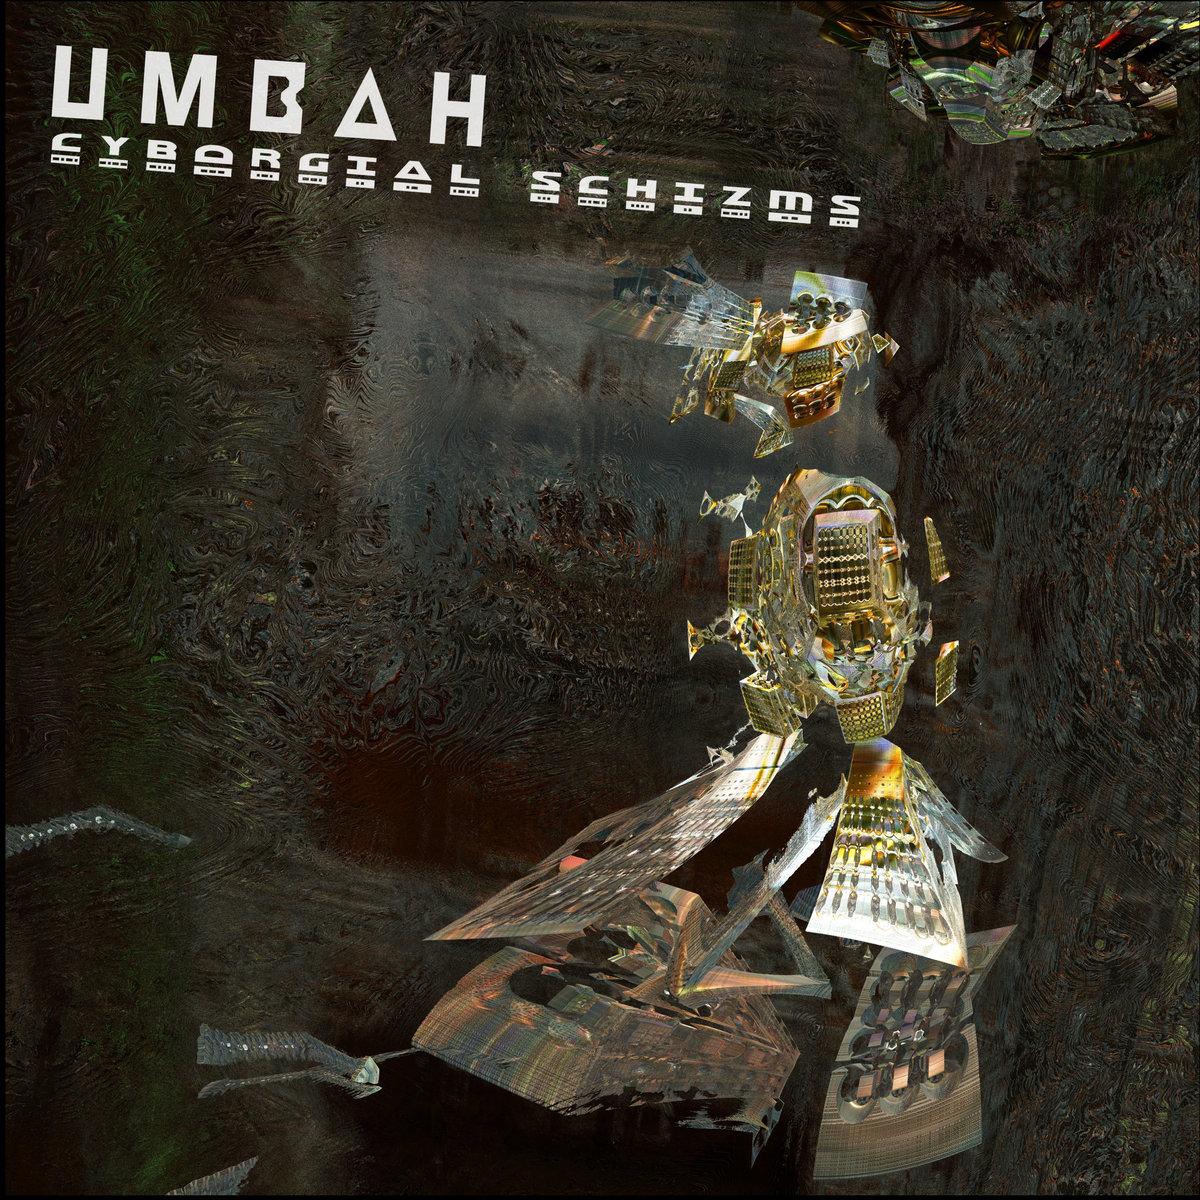 UMBAH - Cyborgial Schizms cover